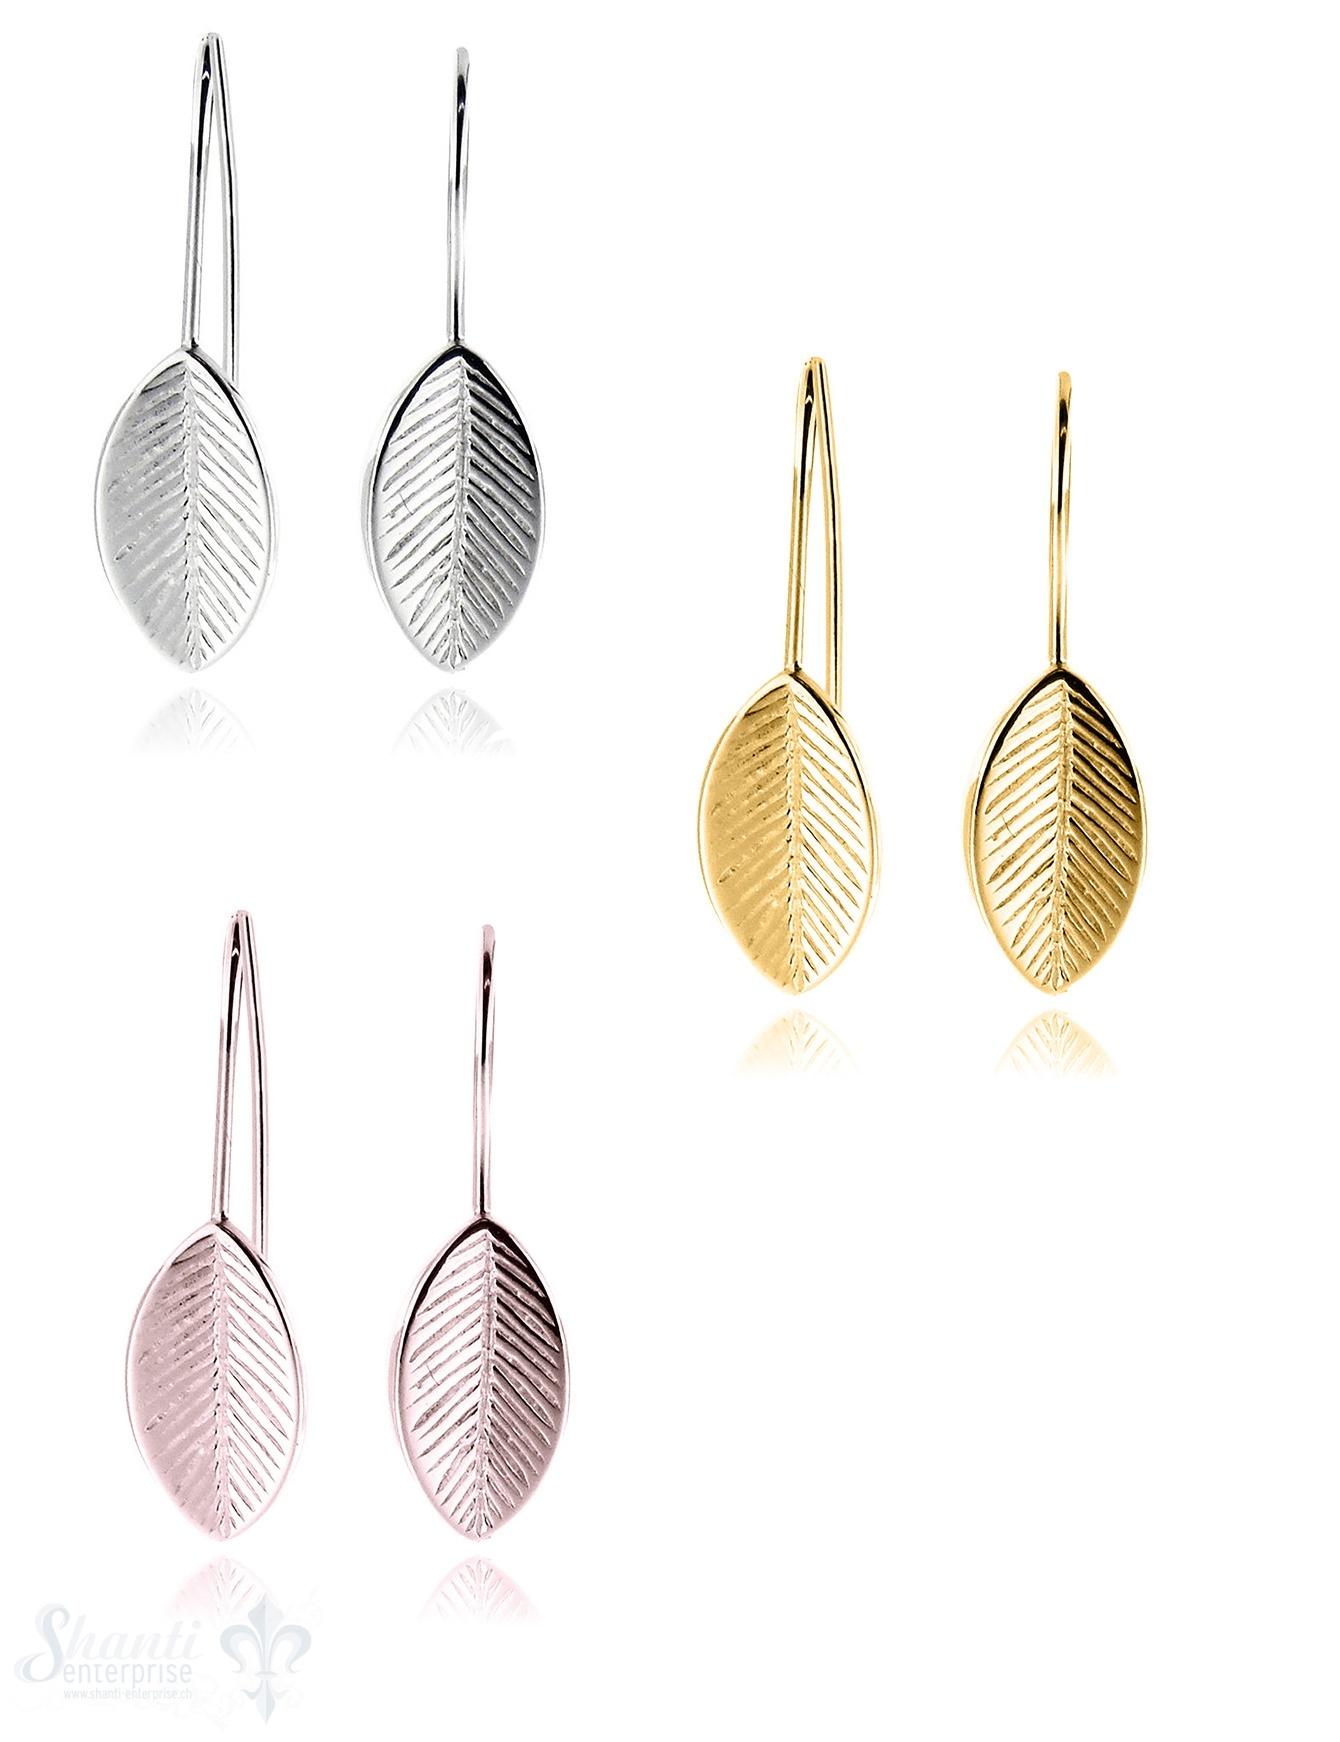 Ohrhänger Silber Blatt klein 7x11 mm mit Bügel fix